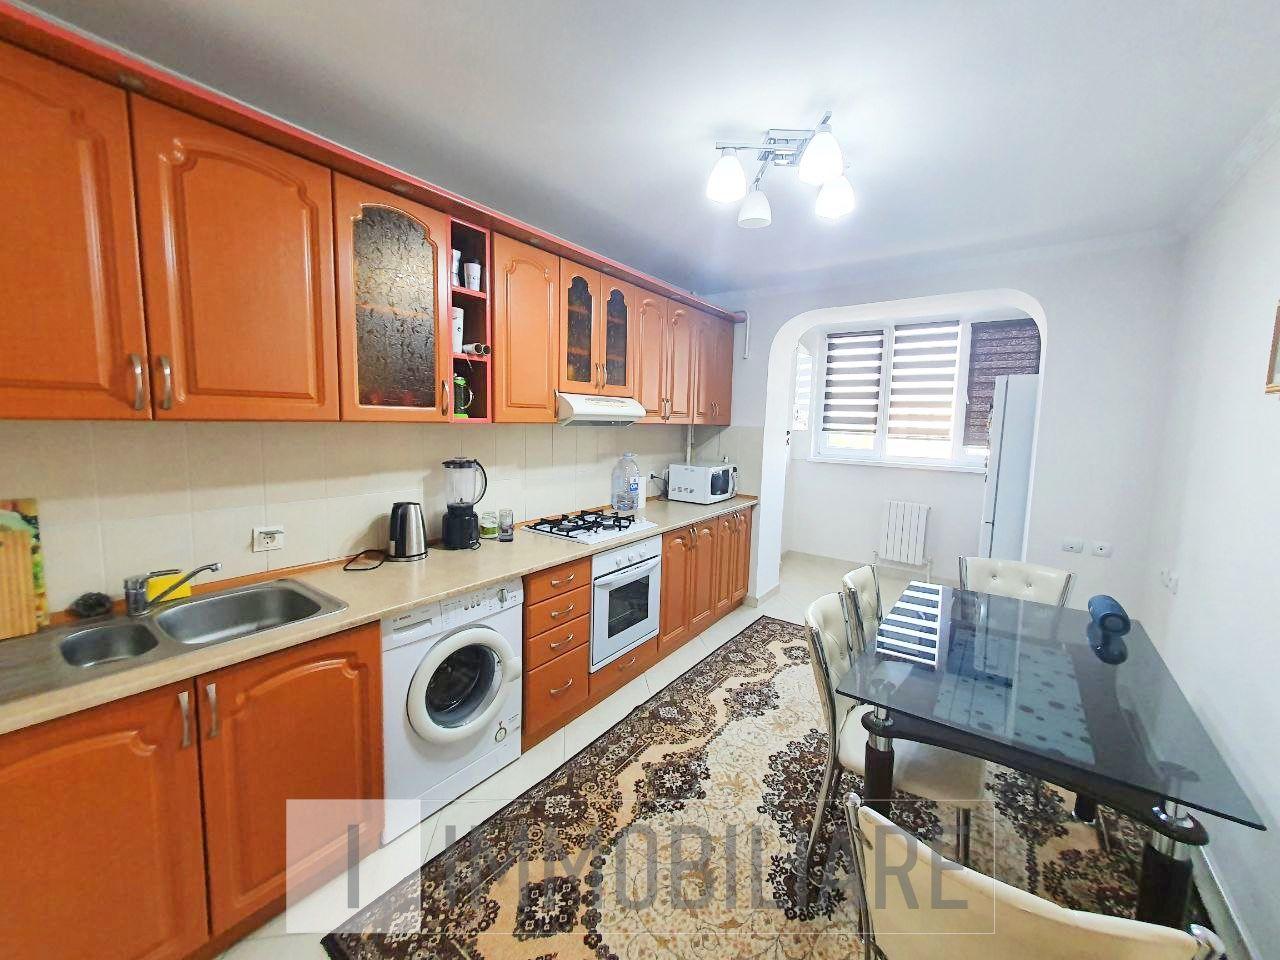 Apartament cu 2 camere+living, sect. Buiucani, str. Vissarion Belinski.